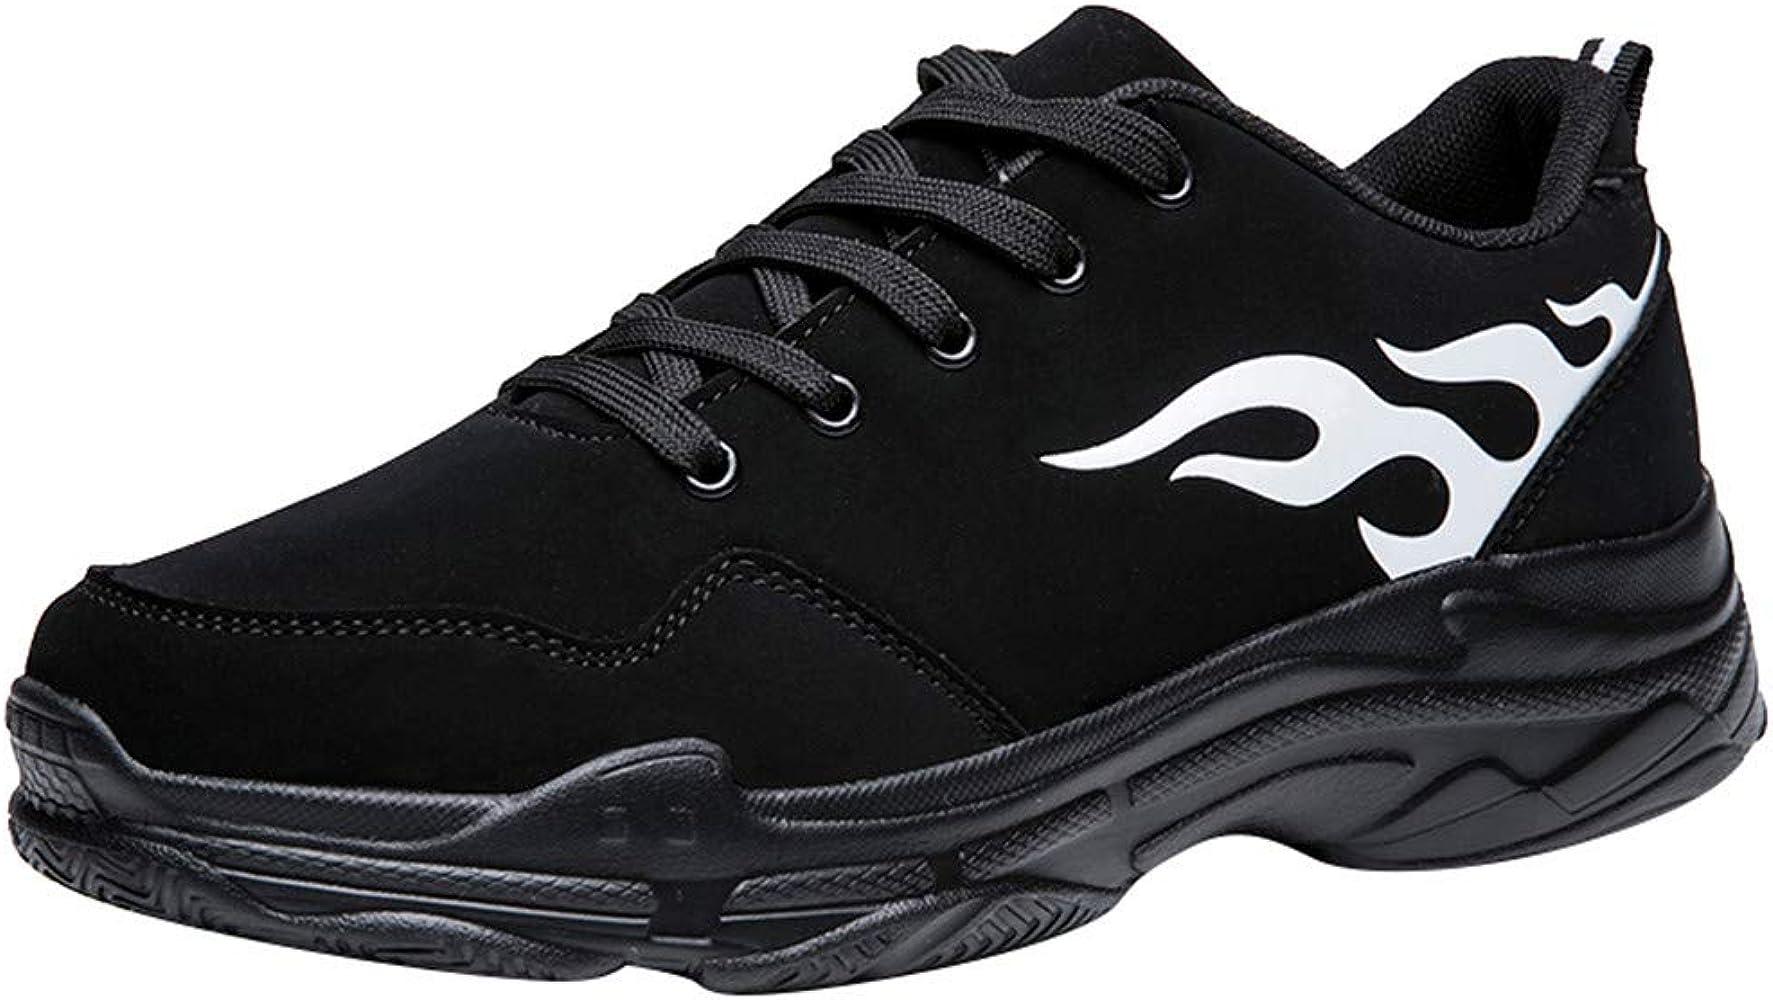 Hombres Moda zapatos deportivos,ZARLLE Fondo grueso zapatos casuales,Resistente al desgaste zapatos para correr,Gimnasio Correr Sneakers,Zapatos de cordones,Otoño calzado deportivo: Amazon.es: Ropa y accesorios